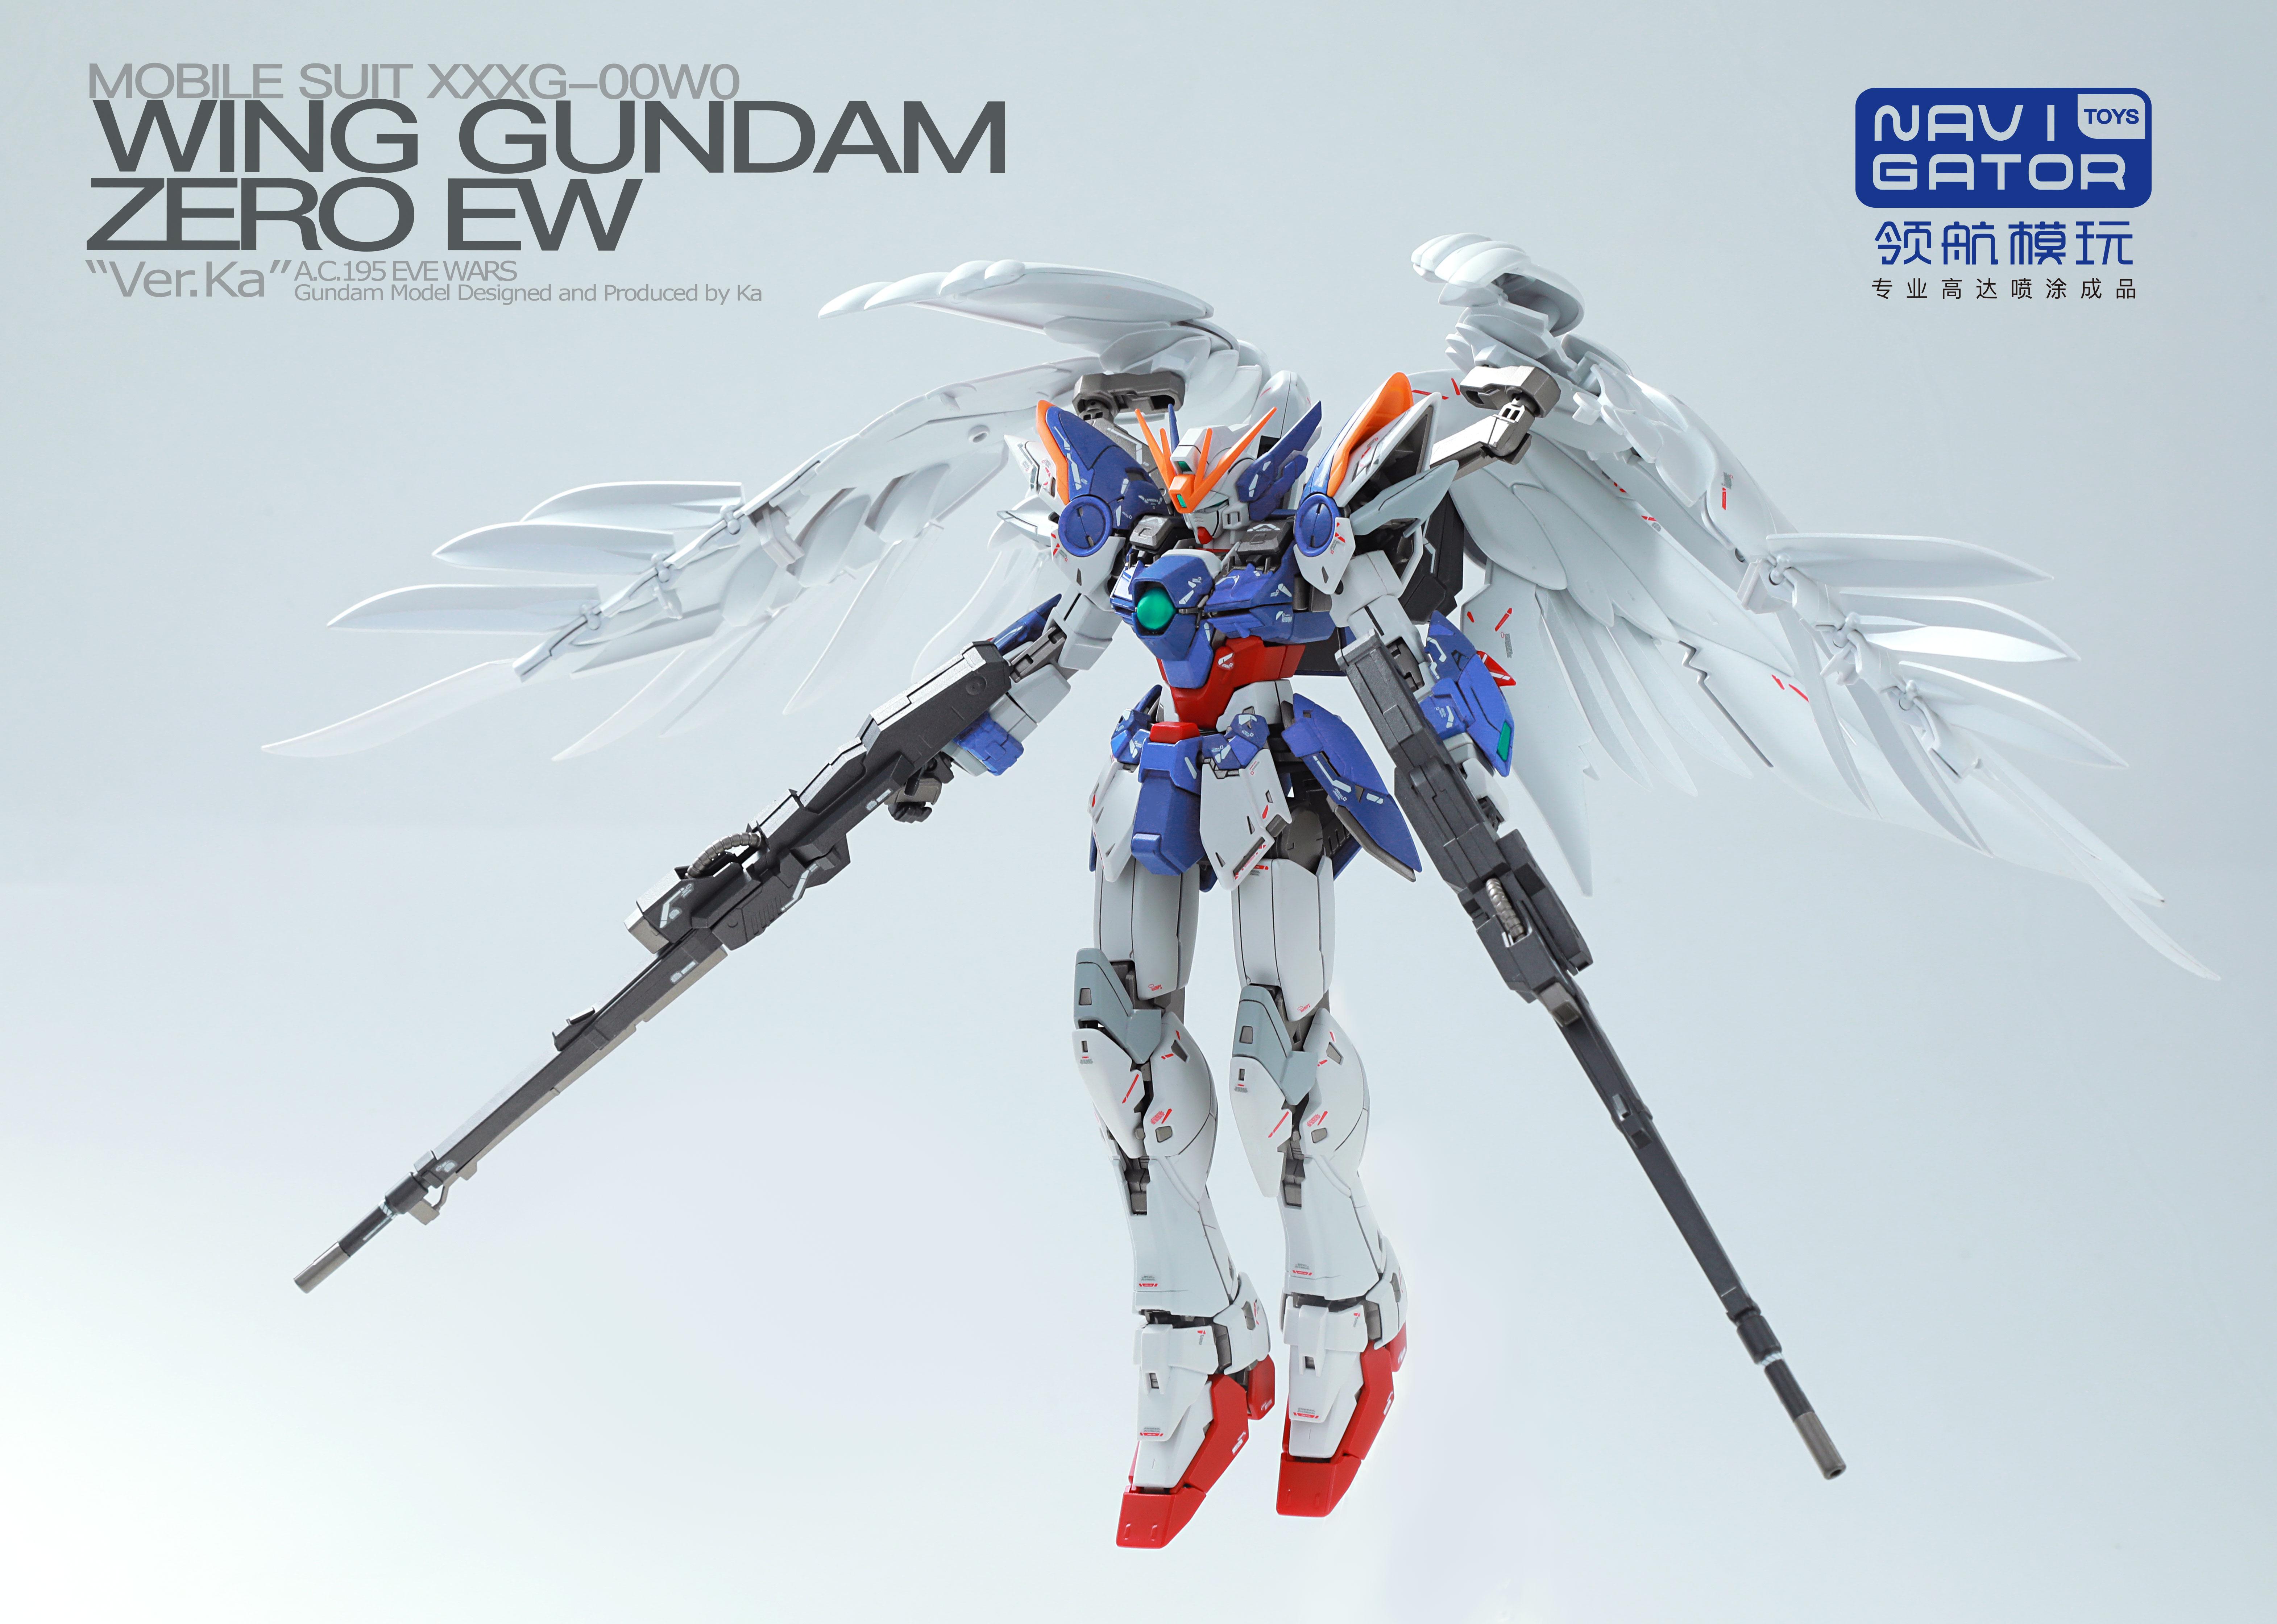 S610_navigator_MG_wingzero_007.jpg